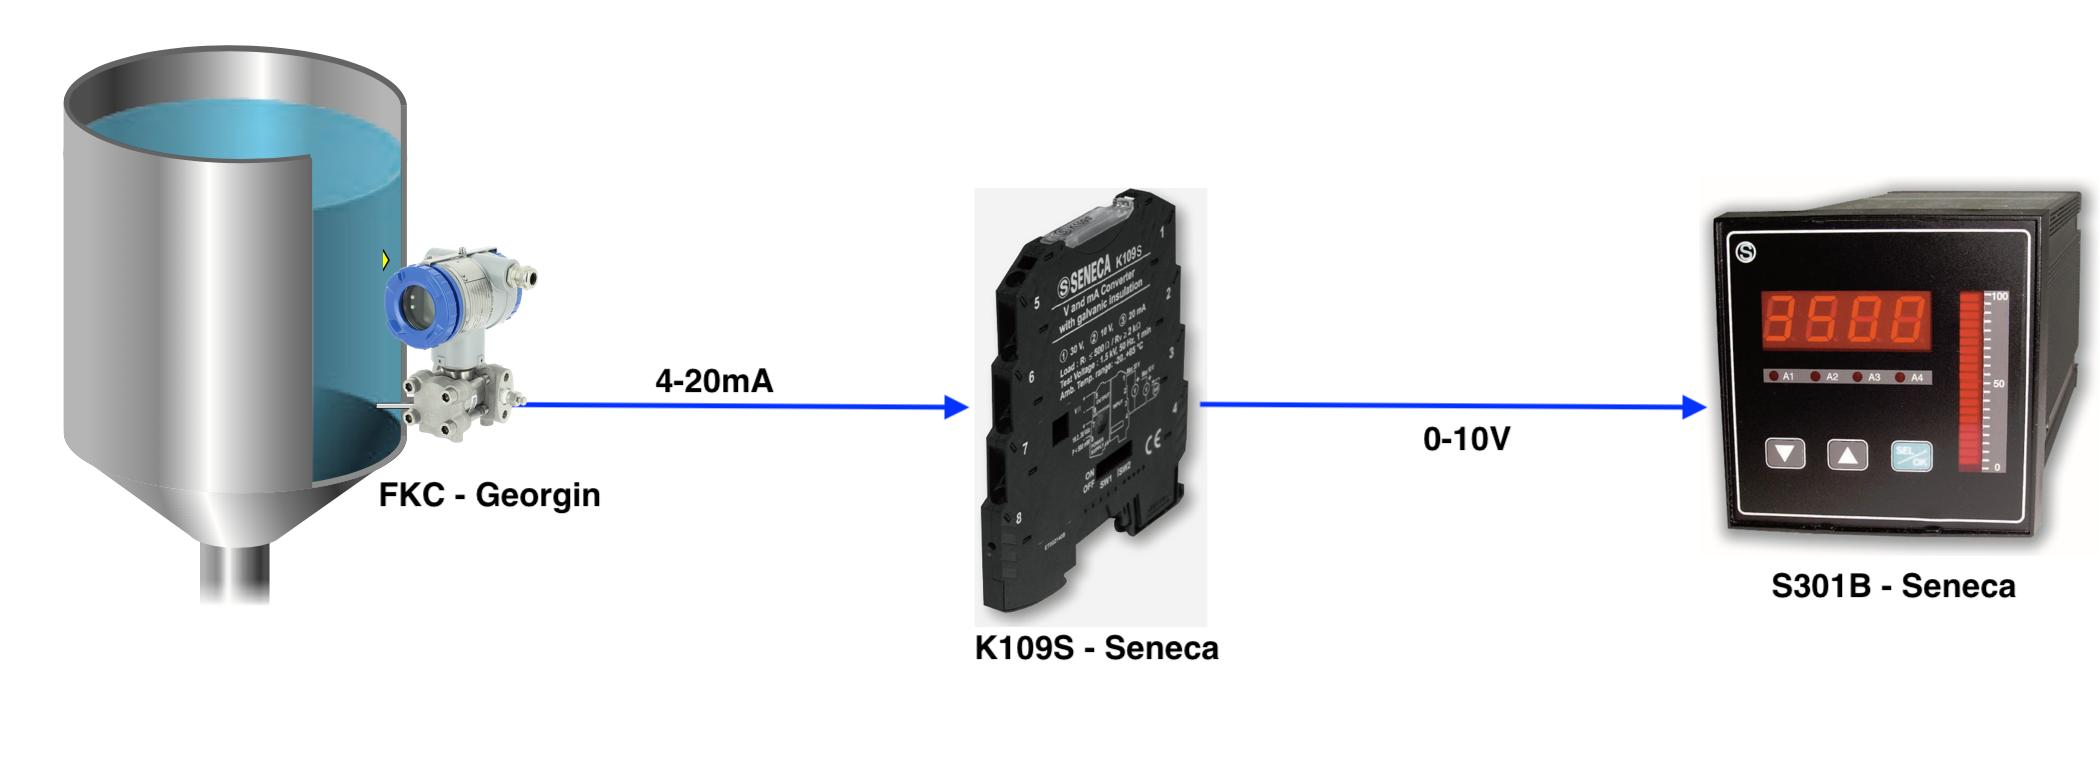 Bộ chuyển đổi tín hiệu 4-20mA sang 0-10V K109S